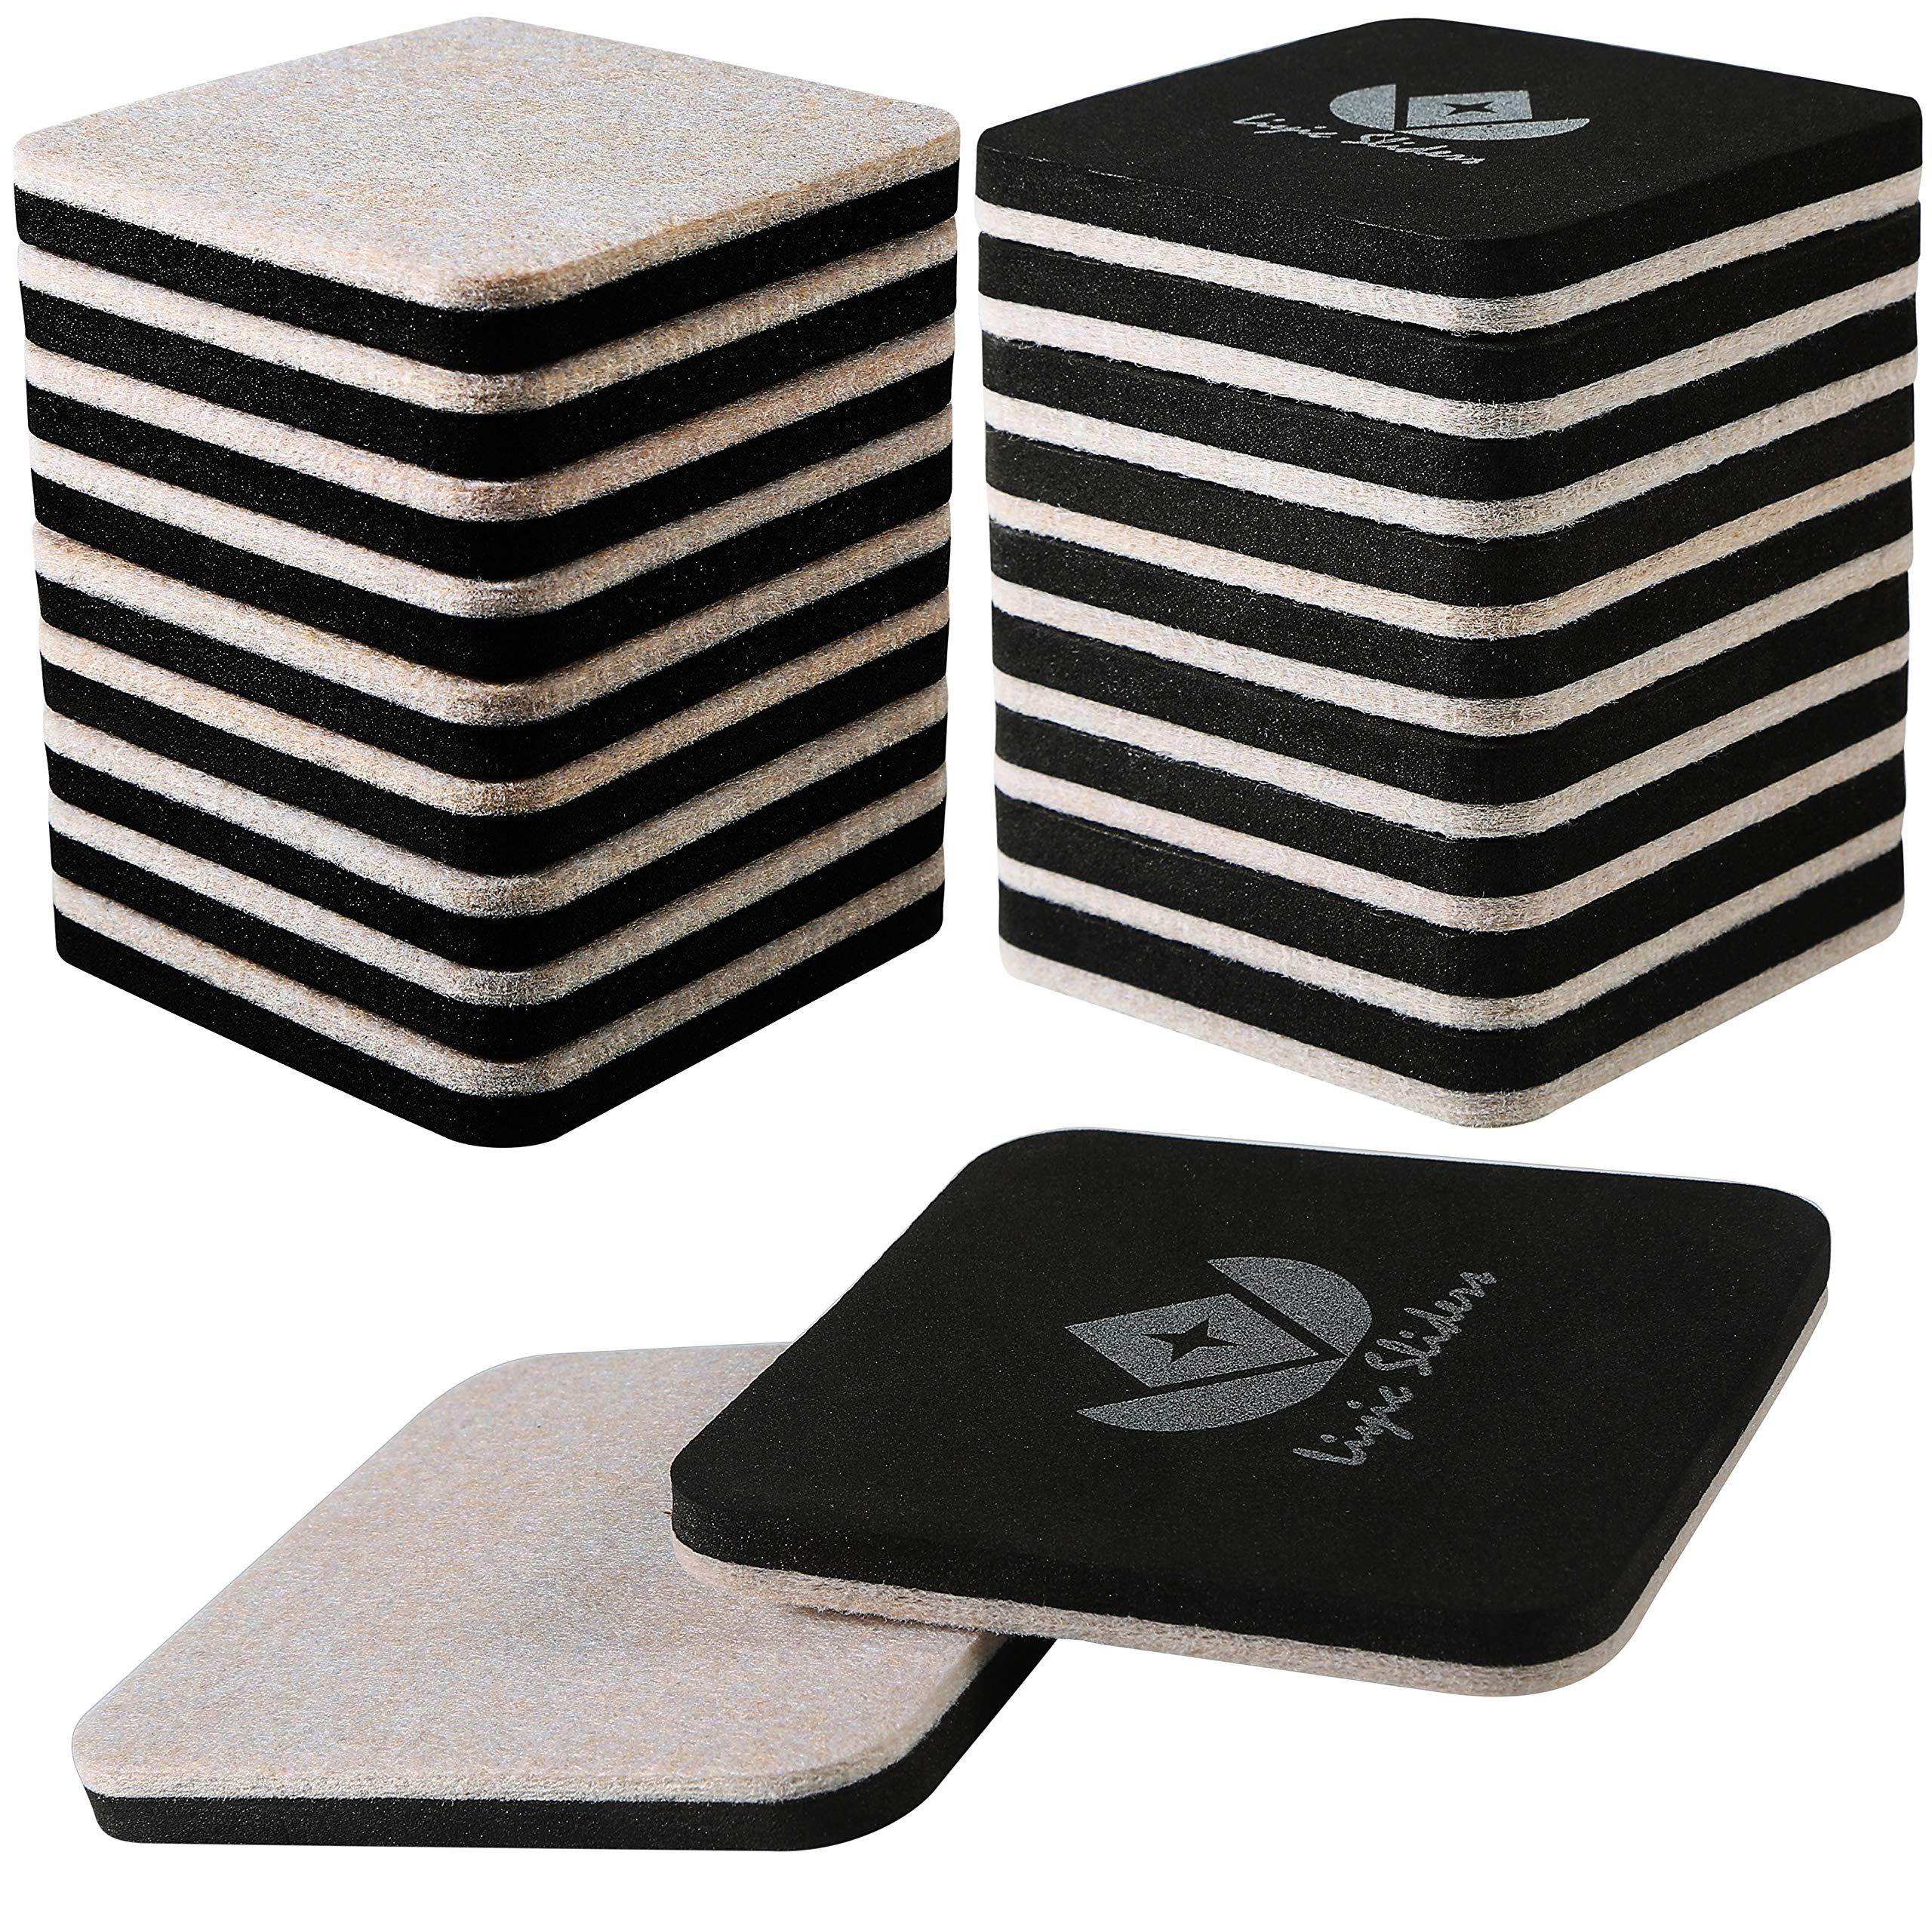 Liyic 20 Pack 3in Square Felt Sliders For Hard Surfaces Felt